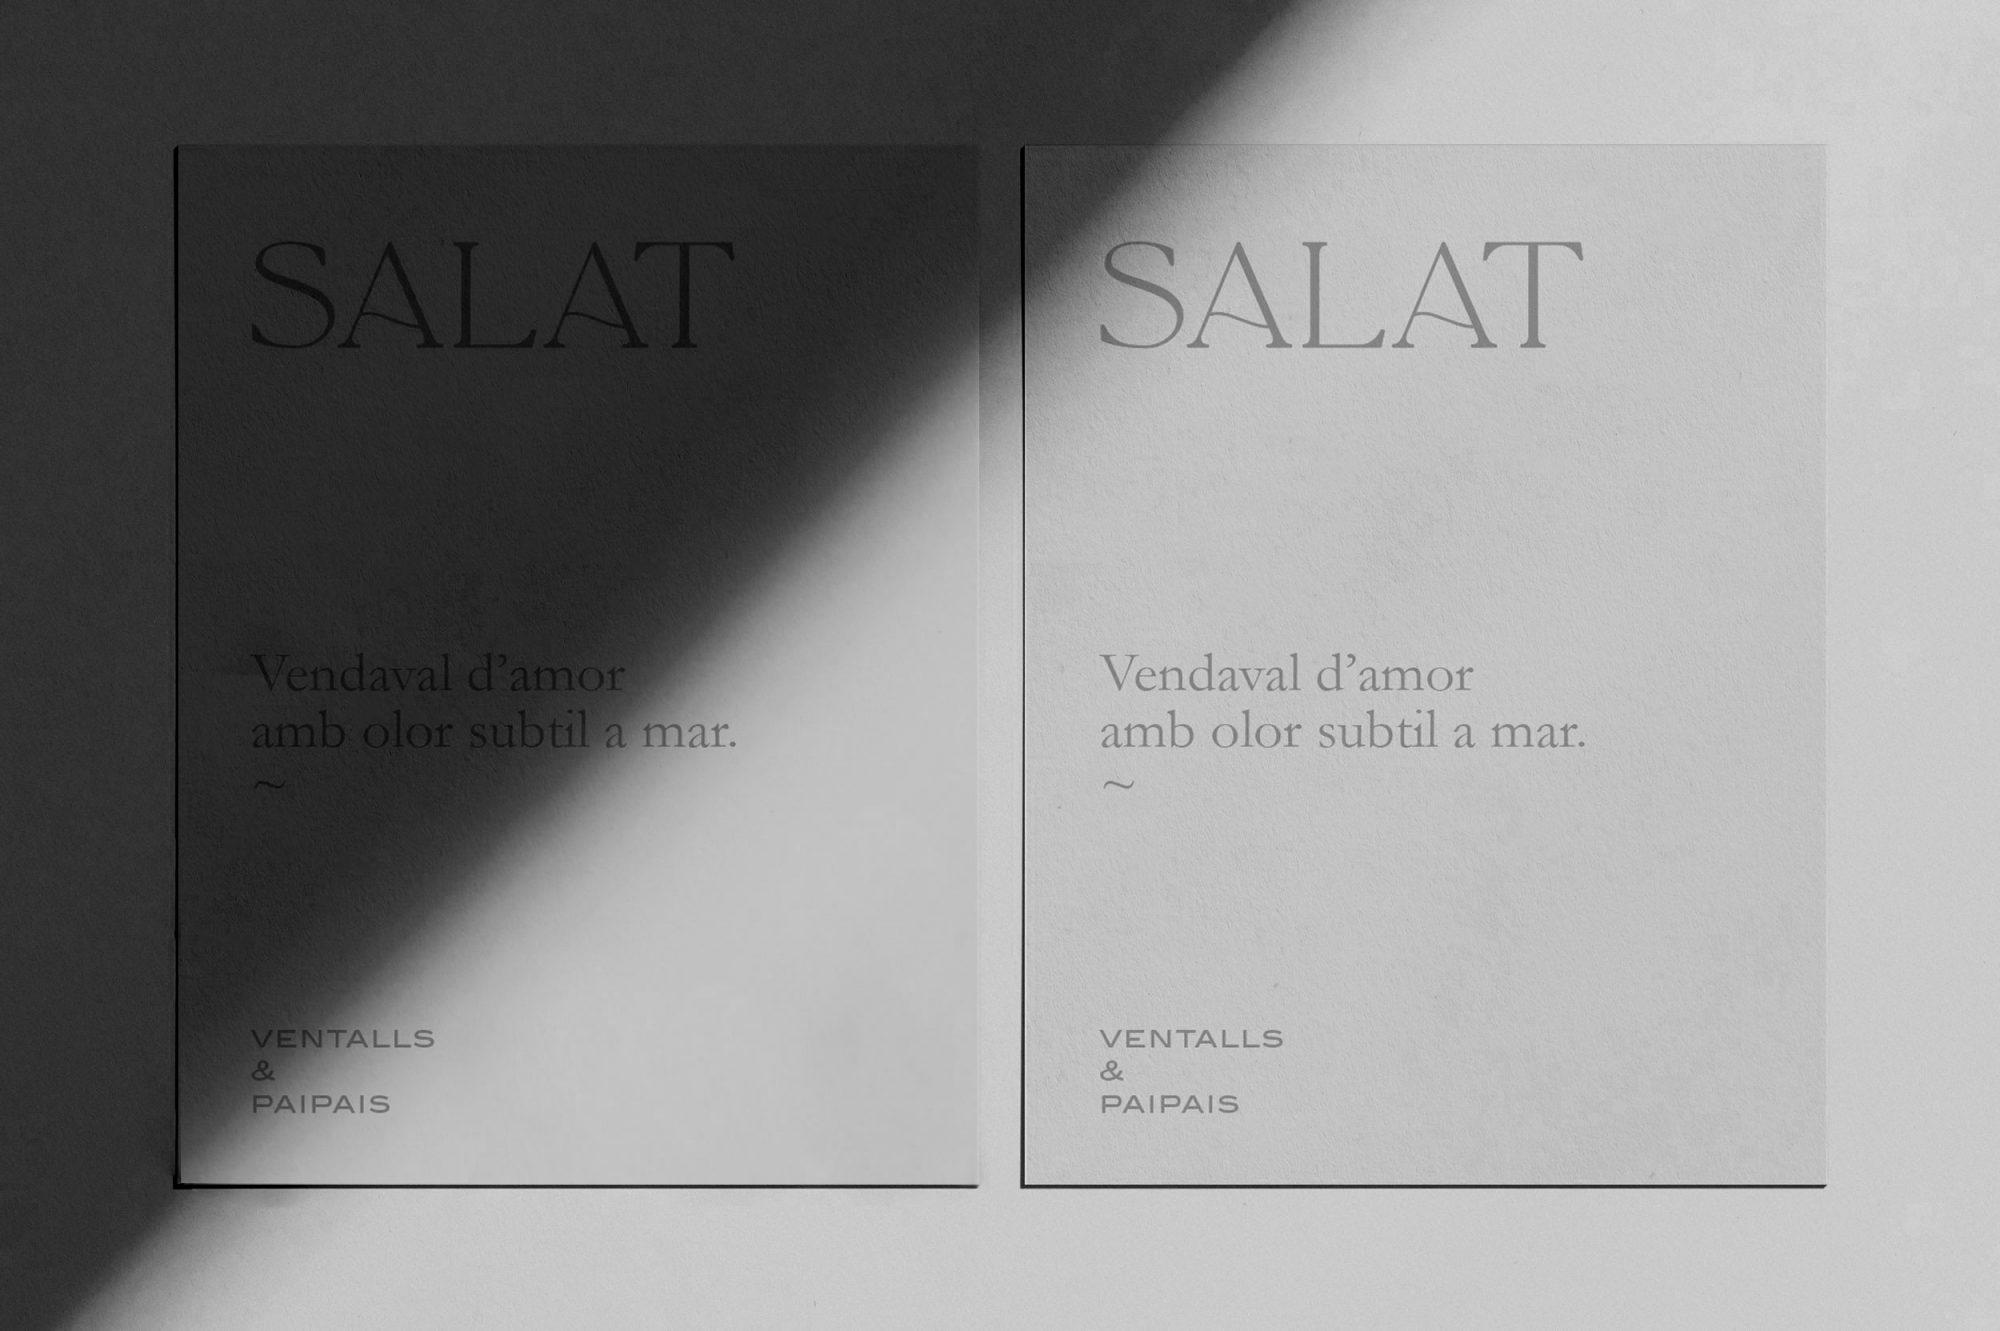 estelalcaraz_salat_08